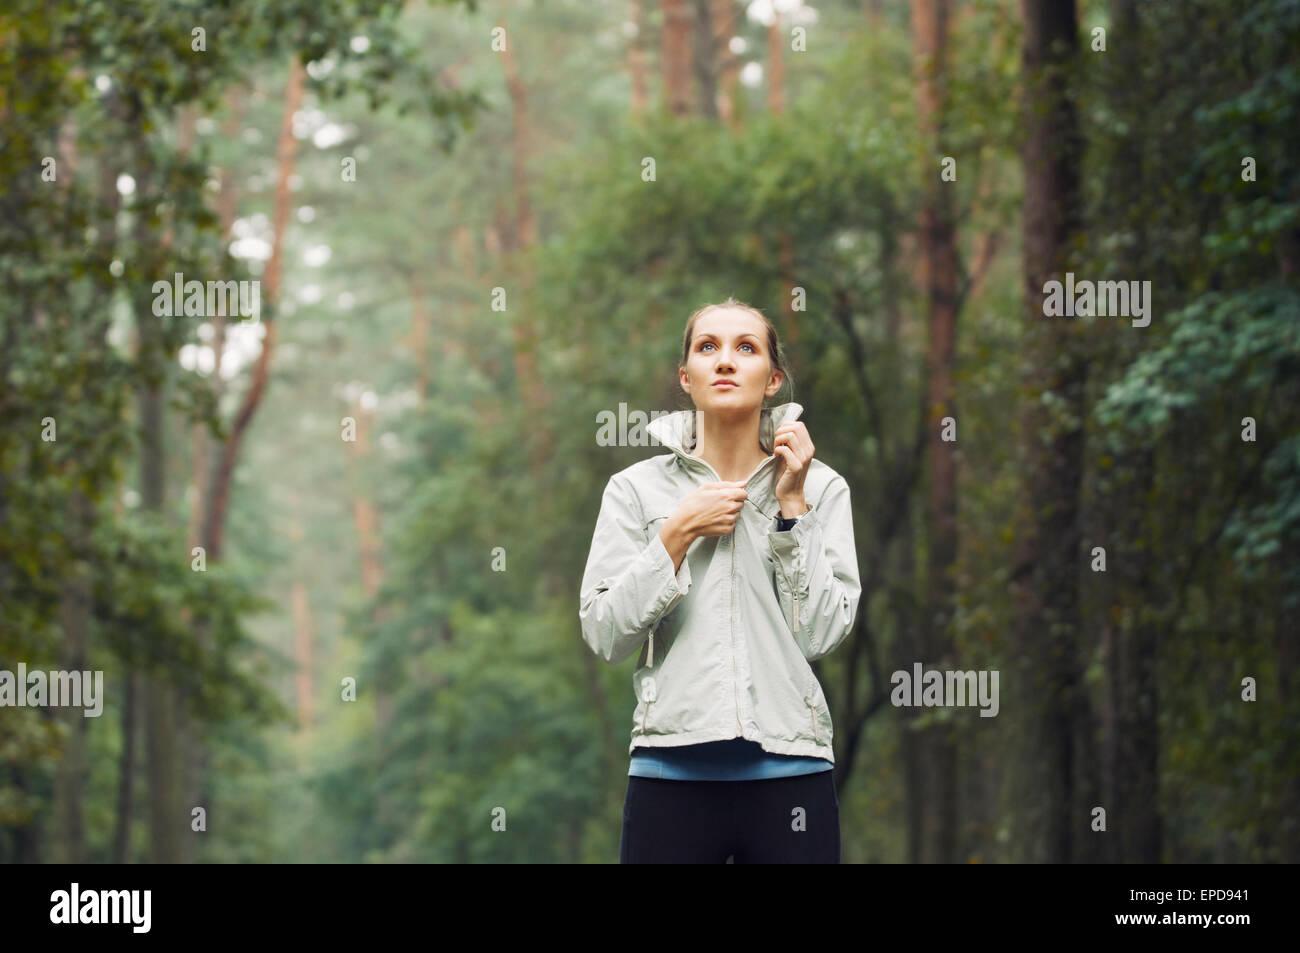 Remise en forme de vie sain femme sportive en marche tôt le matin dans la zone de forêt, un centre de Photo Stock